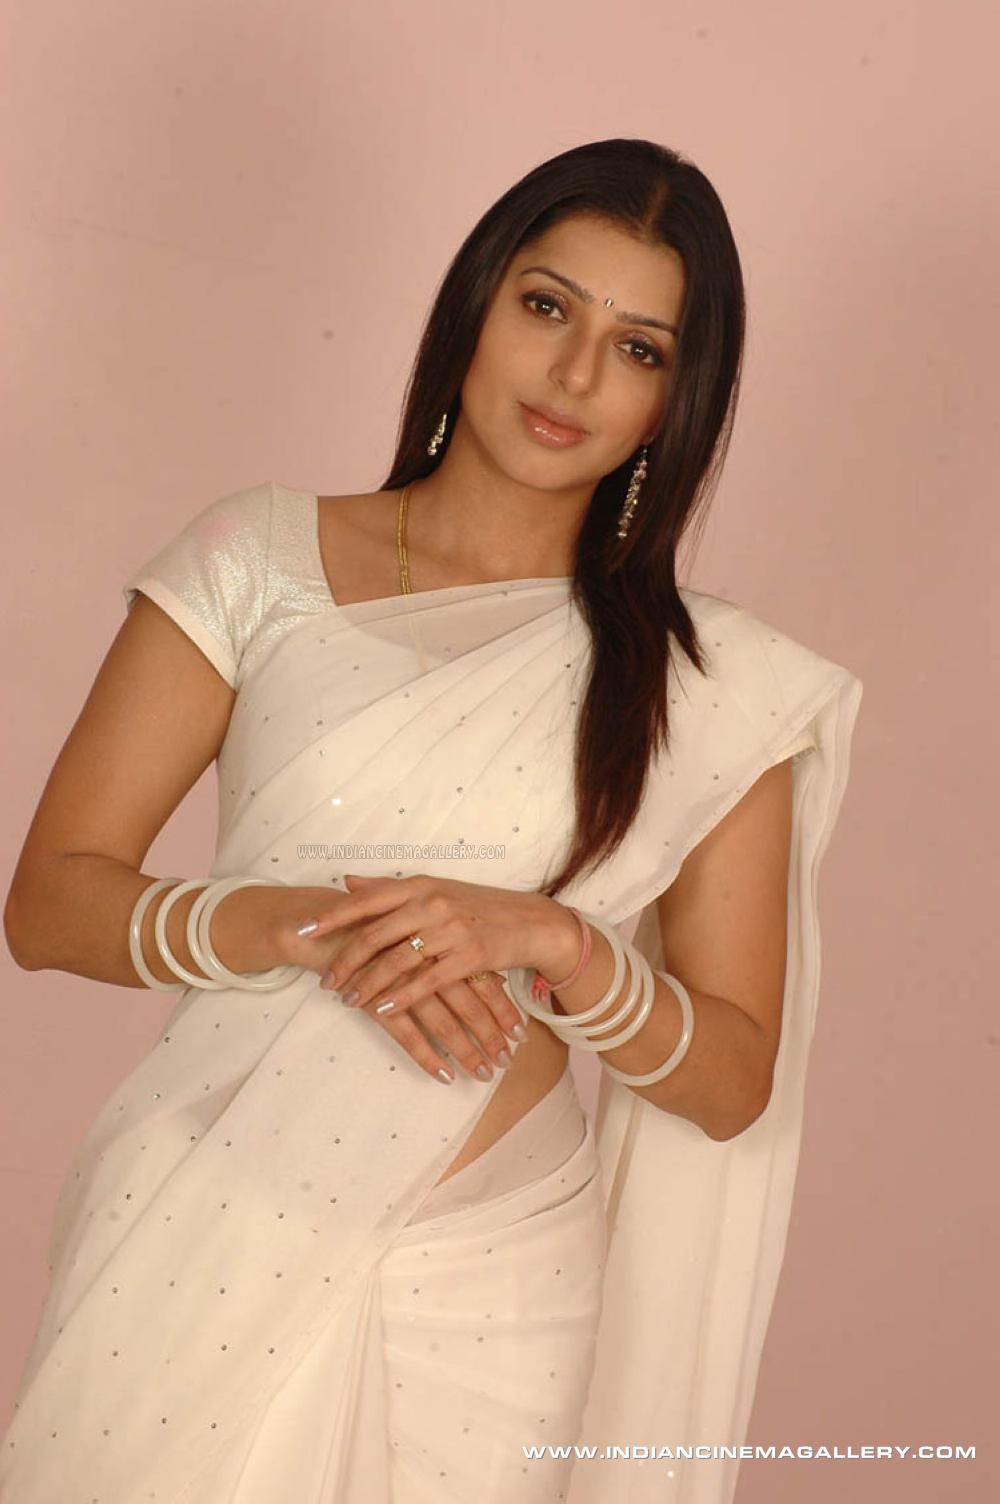 Actress bhumika chawla hot